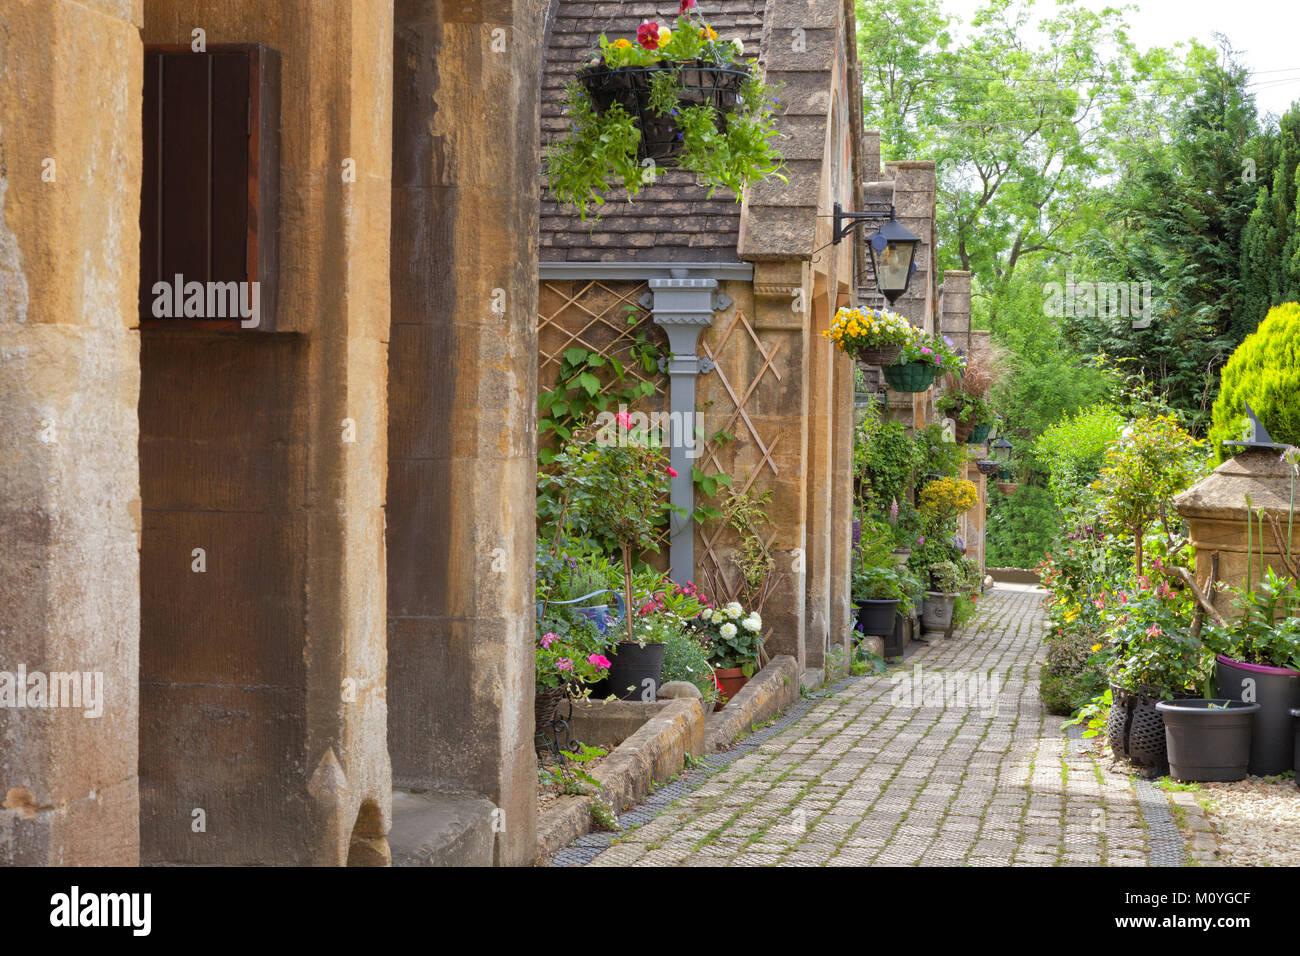 Colourful Plant Pots Garden Stock Photos & Colourful Plant Pots ...